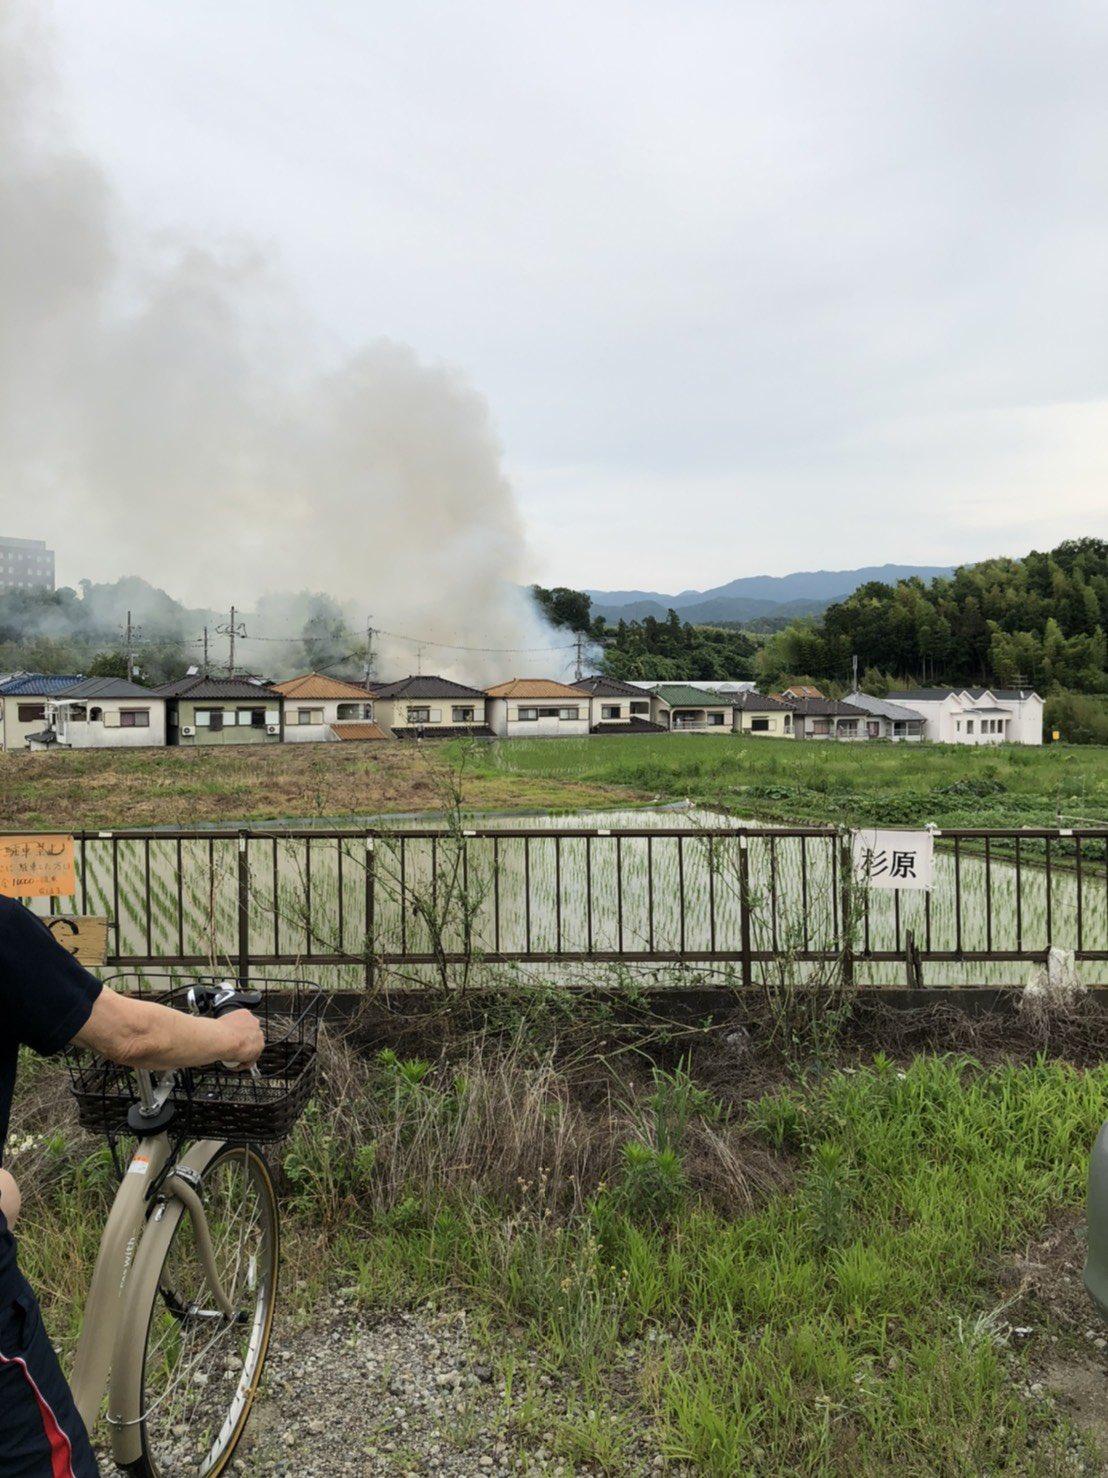 画像,授業中に家の近くで火事あった 死人や怪我人はいてないらしいから良かった#火事 https://t.co/cYSfRNjSDs…